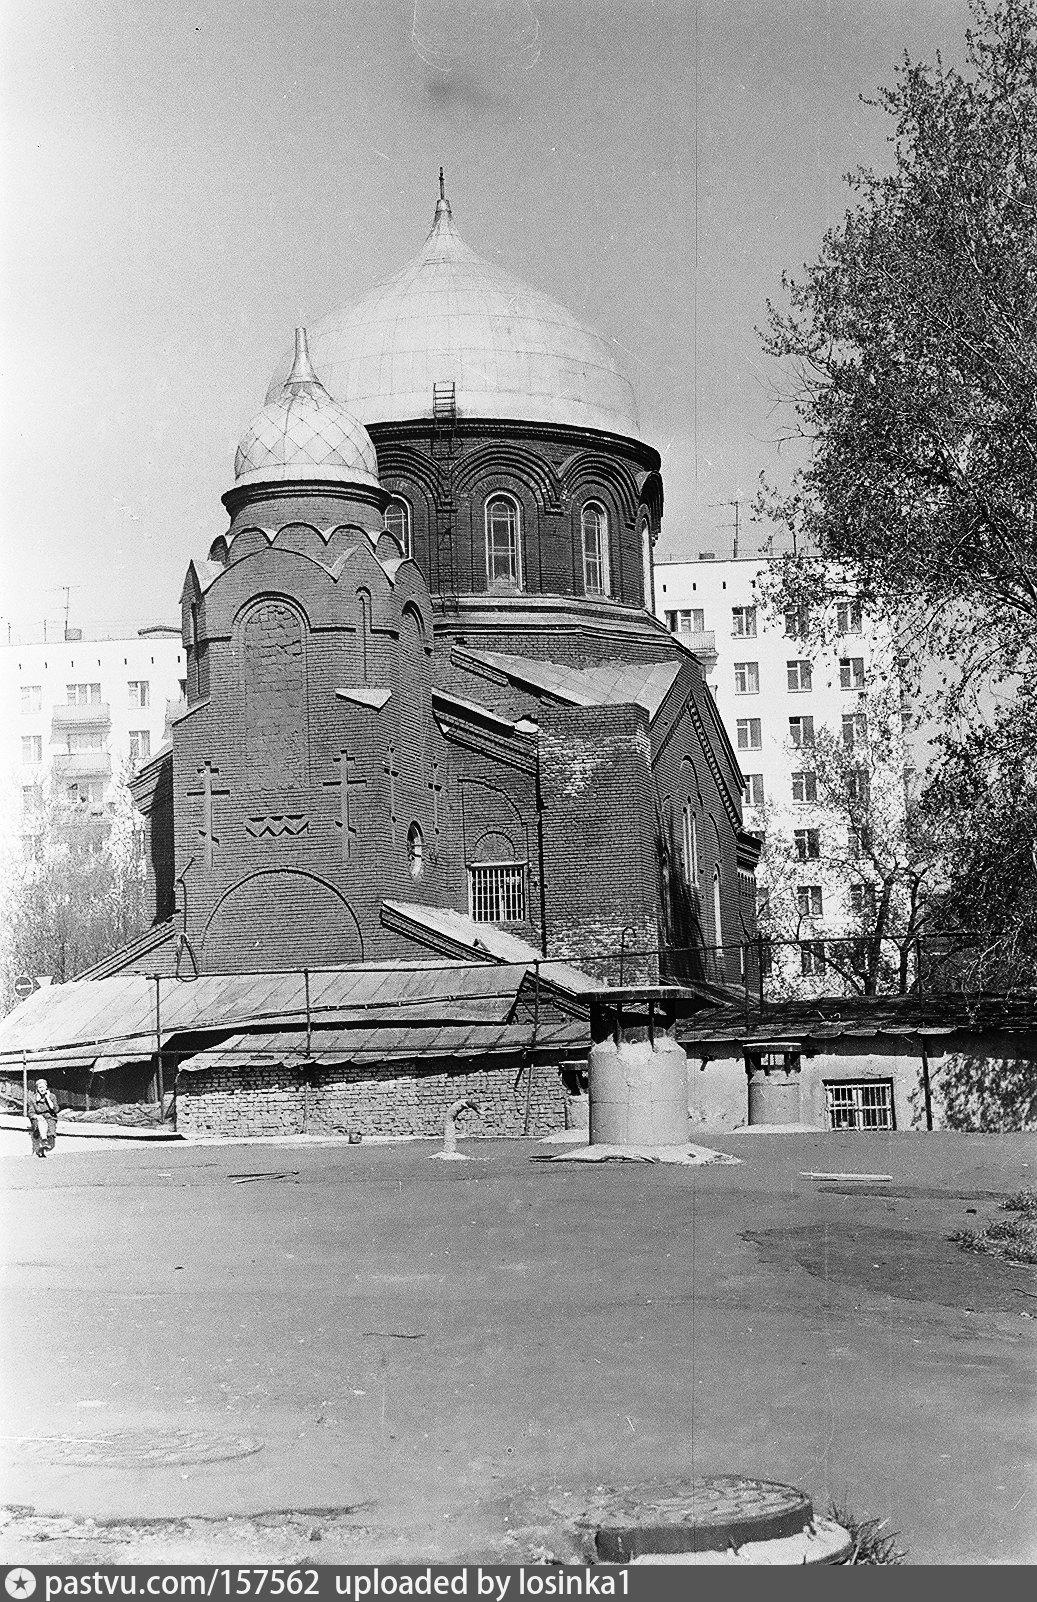 Фото из личного архива И. Нагайцева. Источник: https://pastvu.com/p/157562